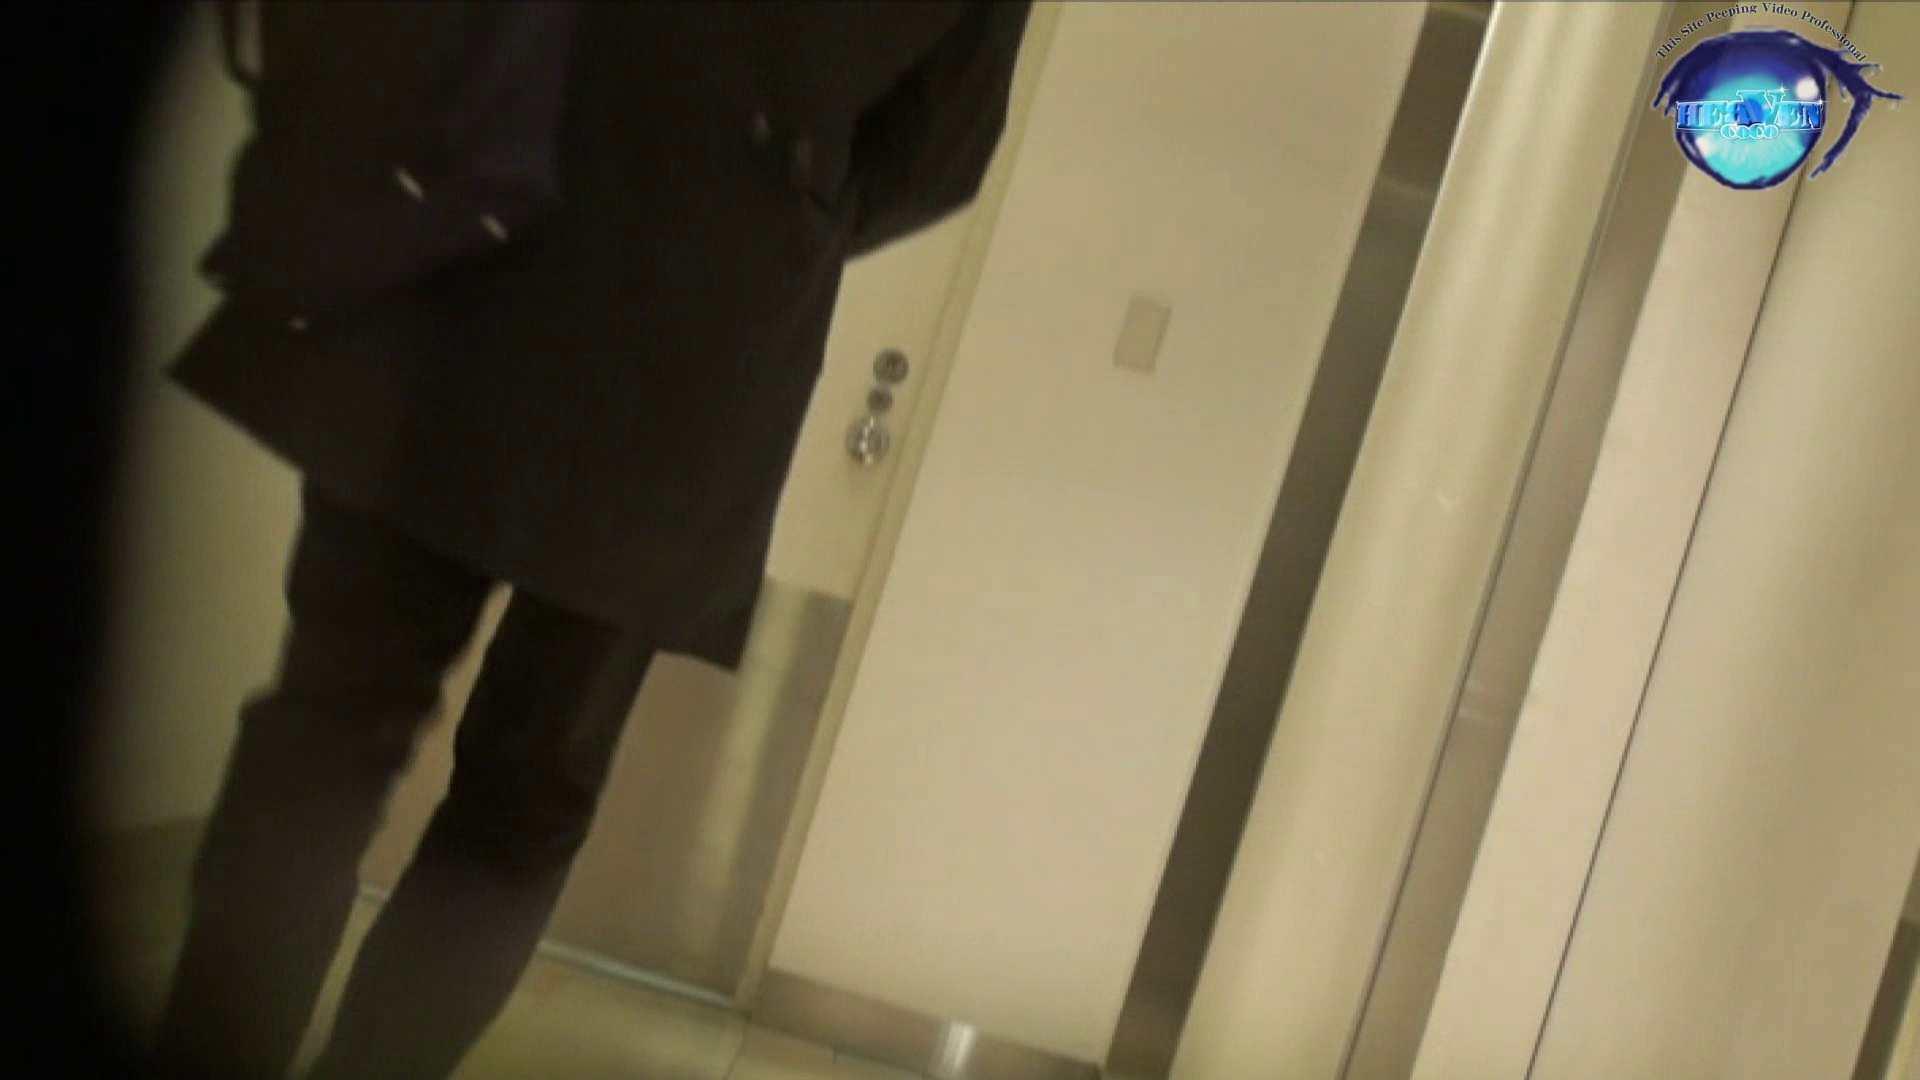 飛び出す黄金水!!!アトレ潜入 かわや盗撮 vol.07 マルチアングル オマンコ動画キャプチャ 113PIX 45